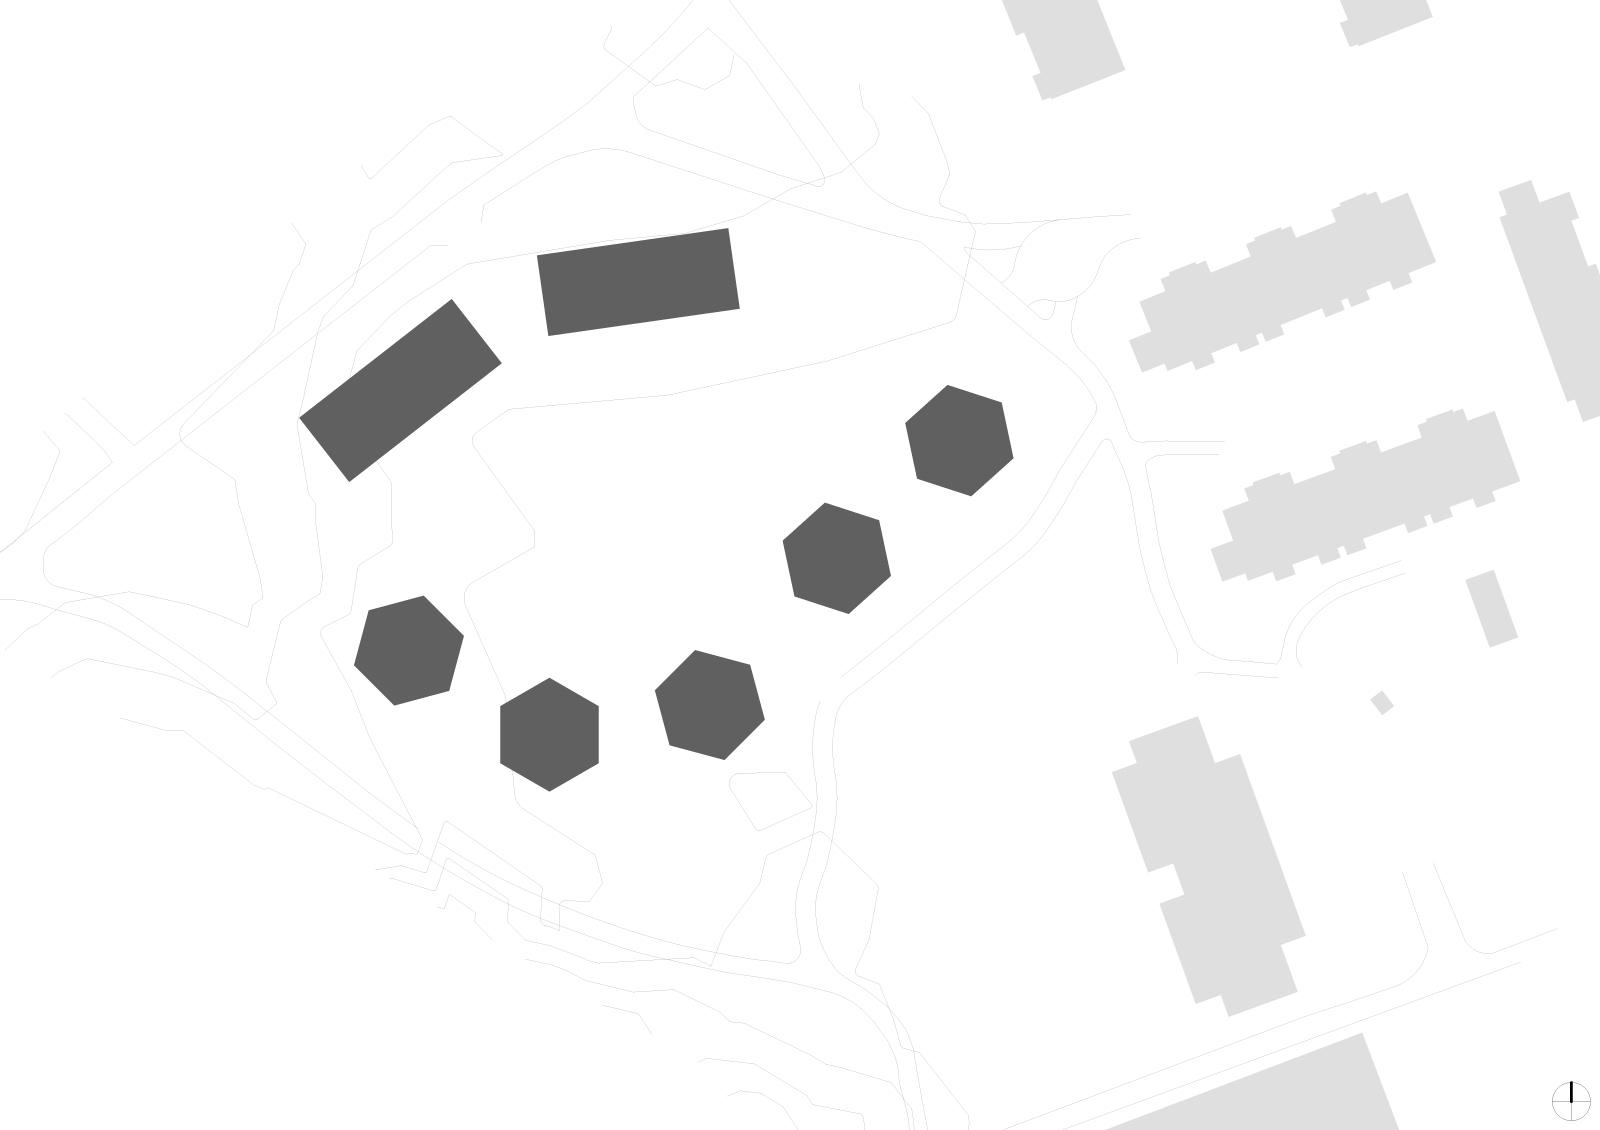 bergsgrottansituationsplan.jpg